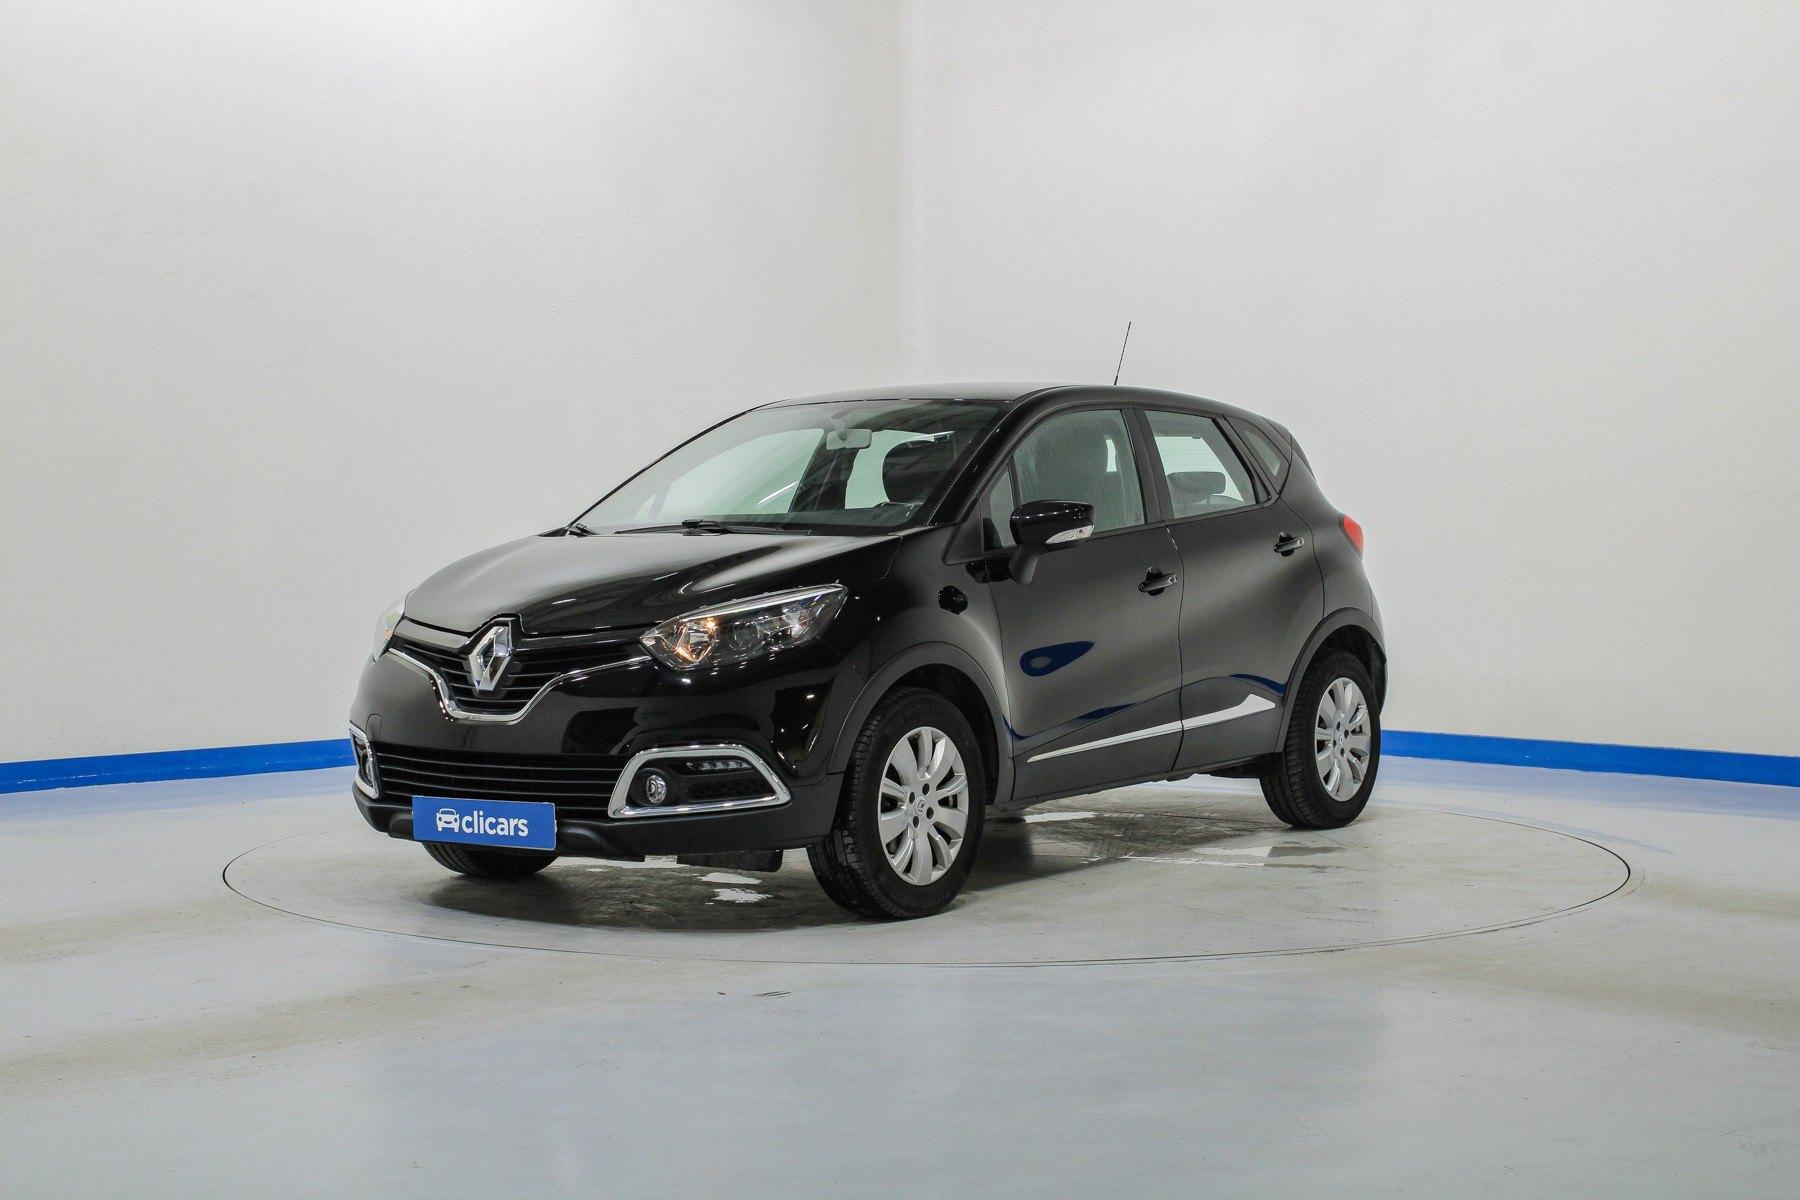 Renault Captur Diésel Zen Energy dCi 90 S&S eco2 1